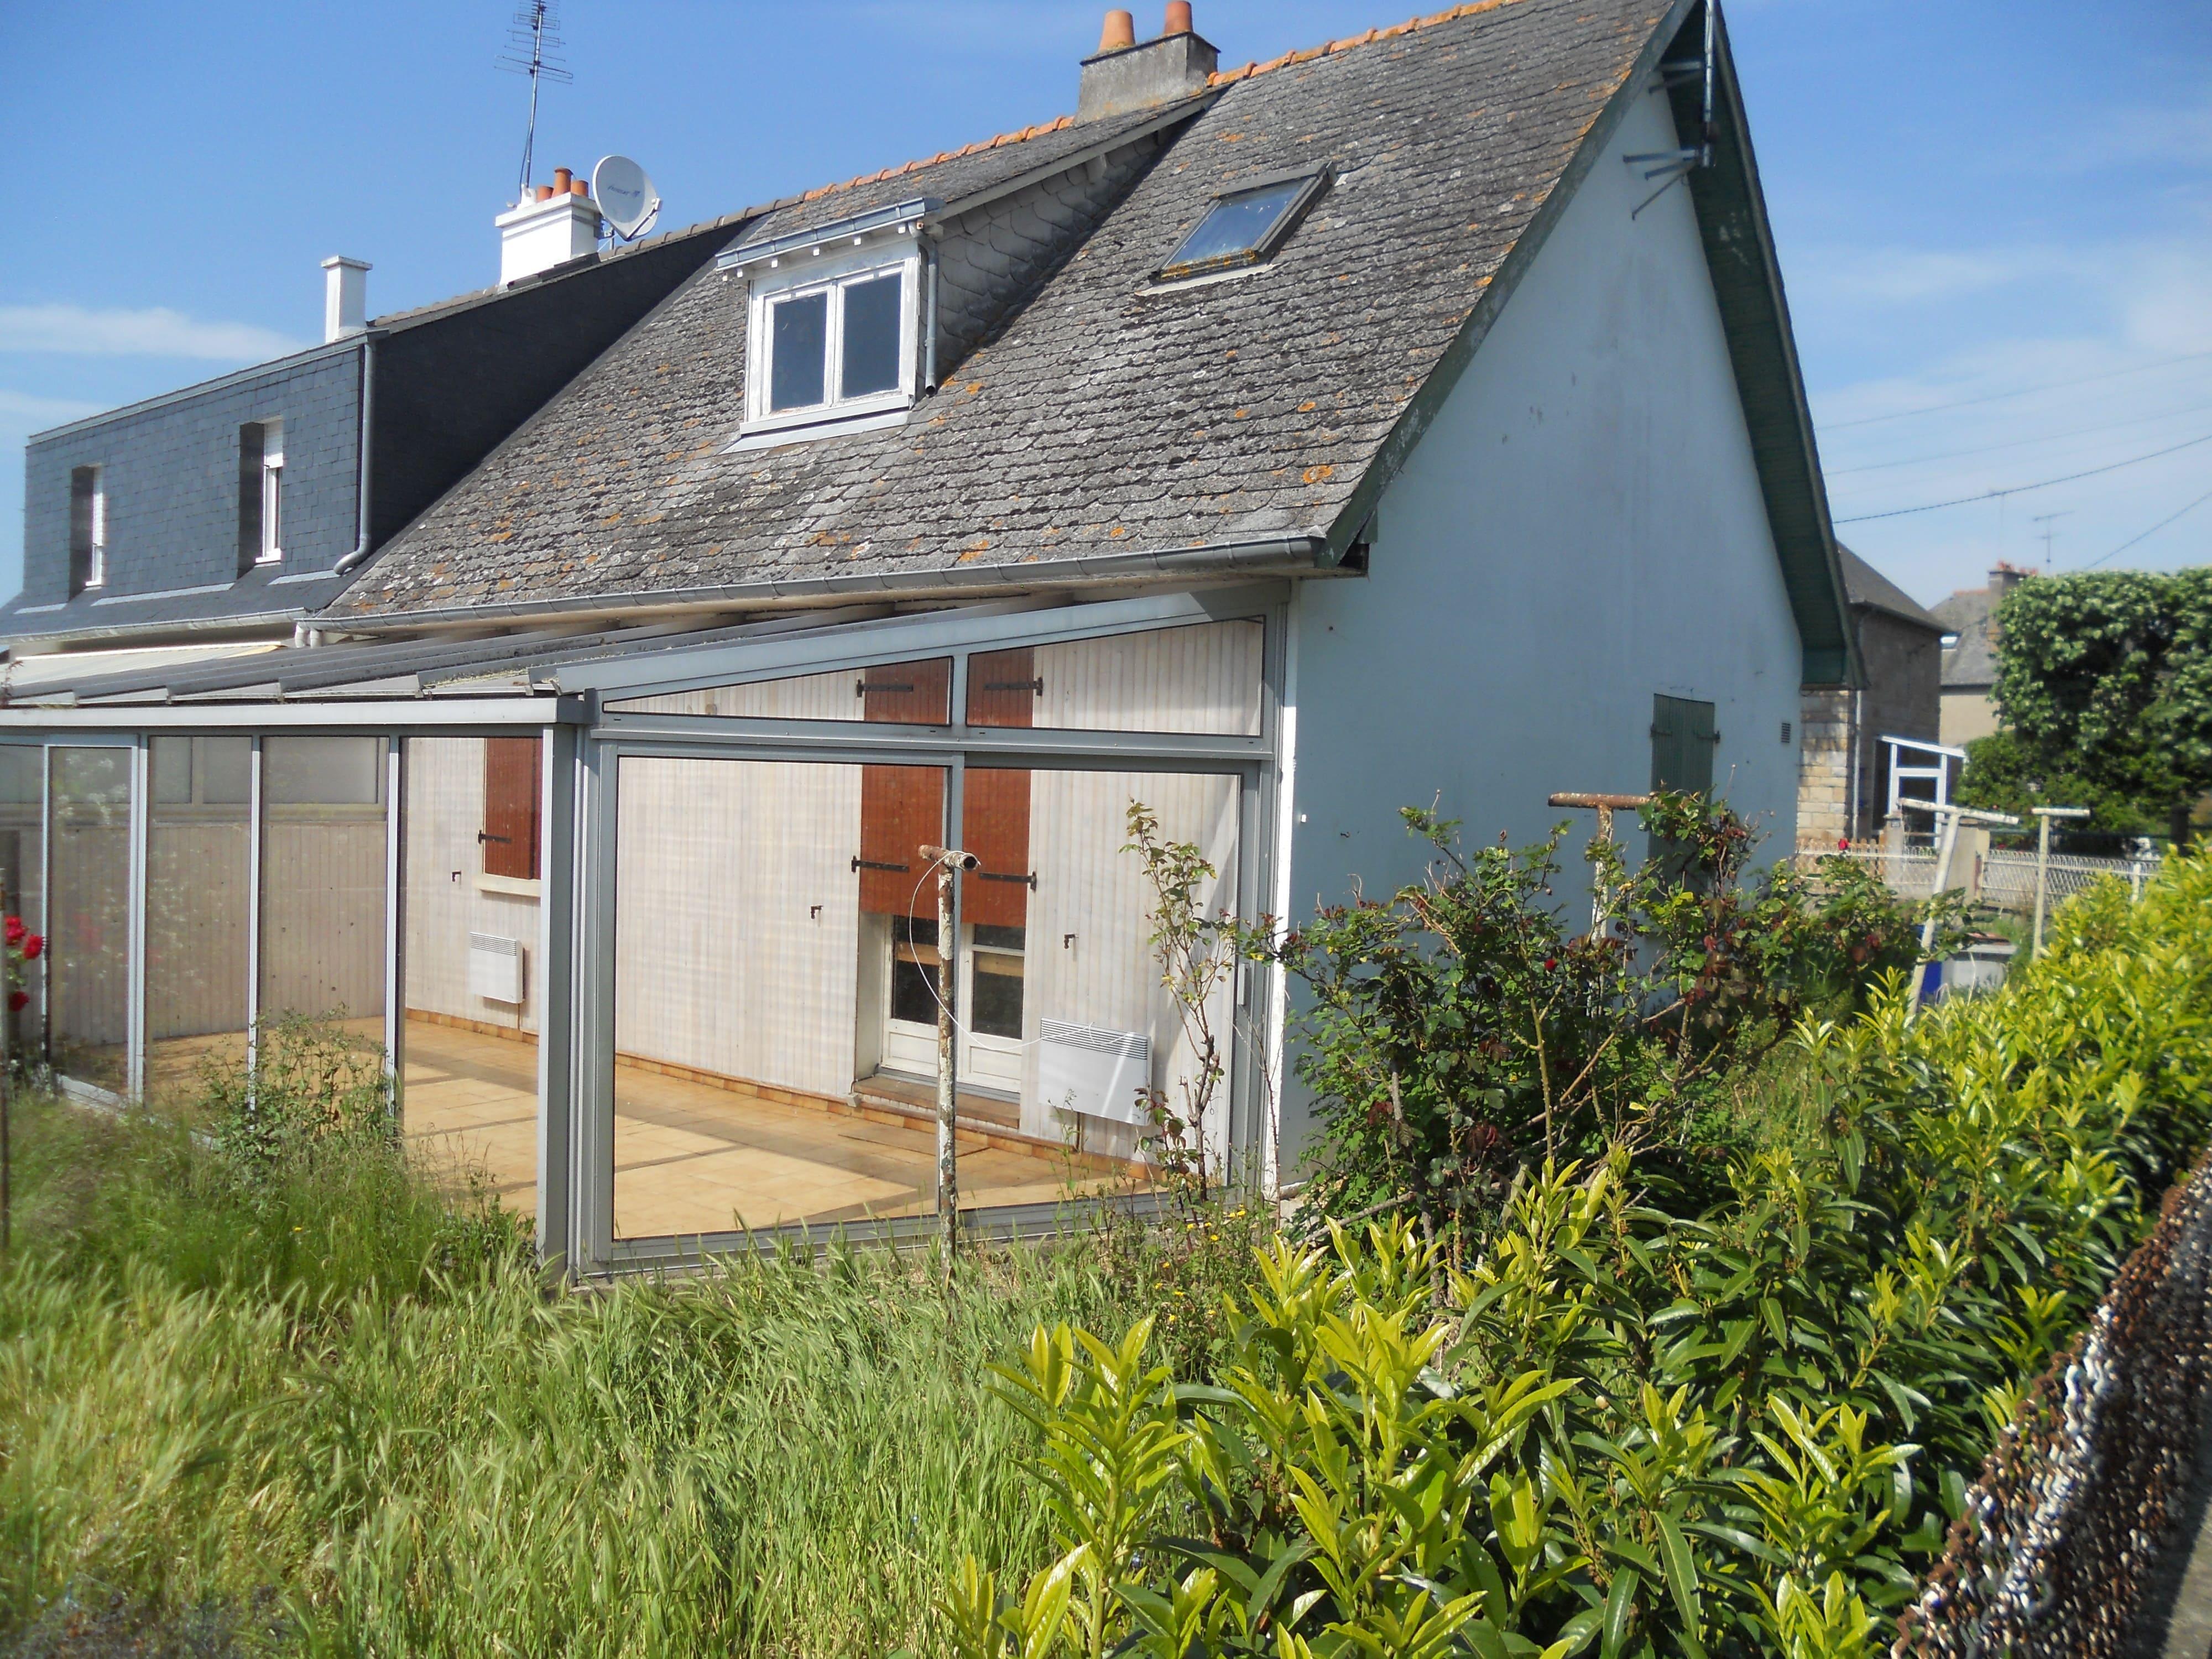 Maison à rénover St Malo 35400